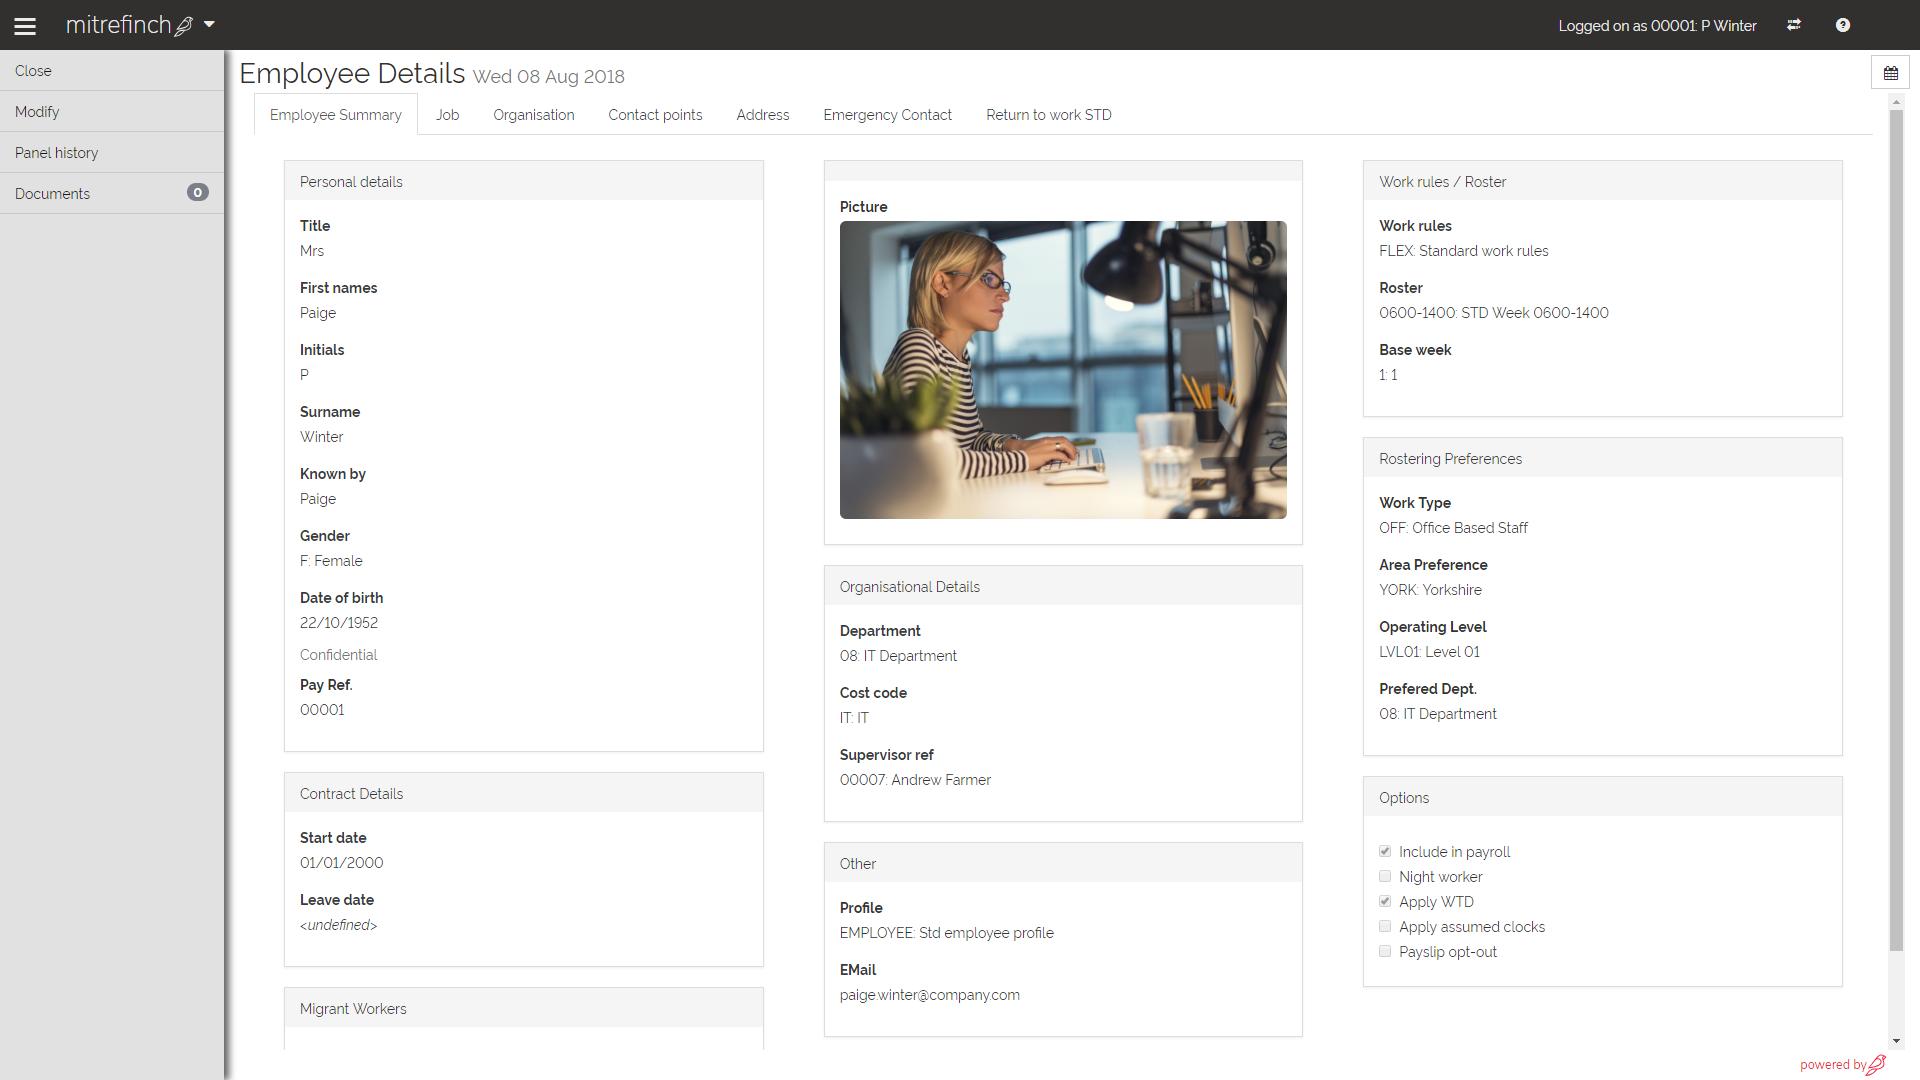 Mitrefinch Software - Employee details